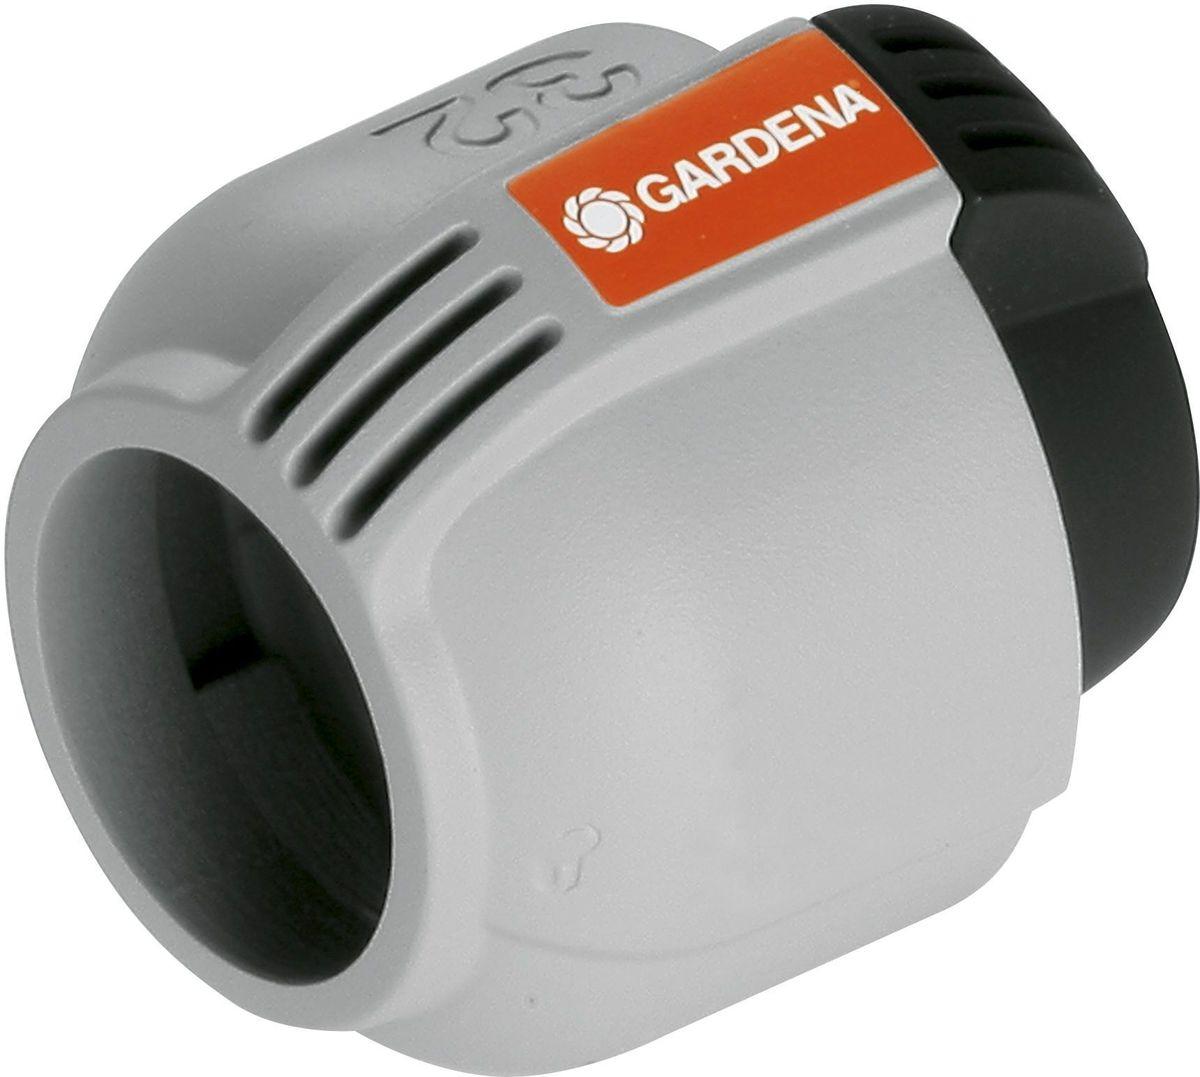 Заглушка Gardena, 32 мм. 02779-20.000.0002779-20.000.00Заглушка GARDENA 32 мм, входящая в систему дождевания GARDENA Sprinklersystem, предназначена для безопасного замыкания подающего шланга. Благодаря запатентованной технологии простого соединения Quick & Easy (Быстро и просто) соединение/разъединение труб осуществляется без инструментов, простым поворотом резьбового фитинга на 140°.